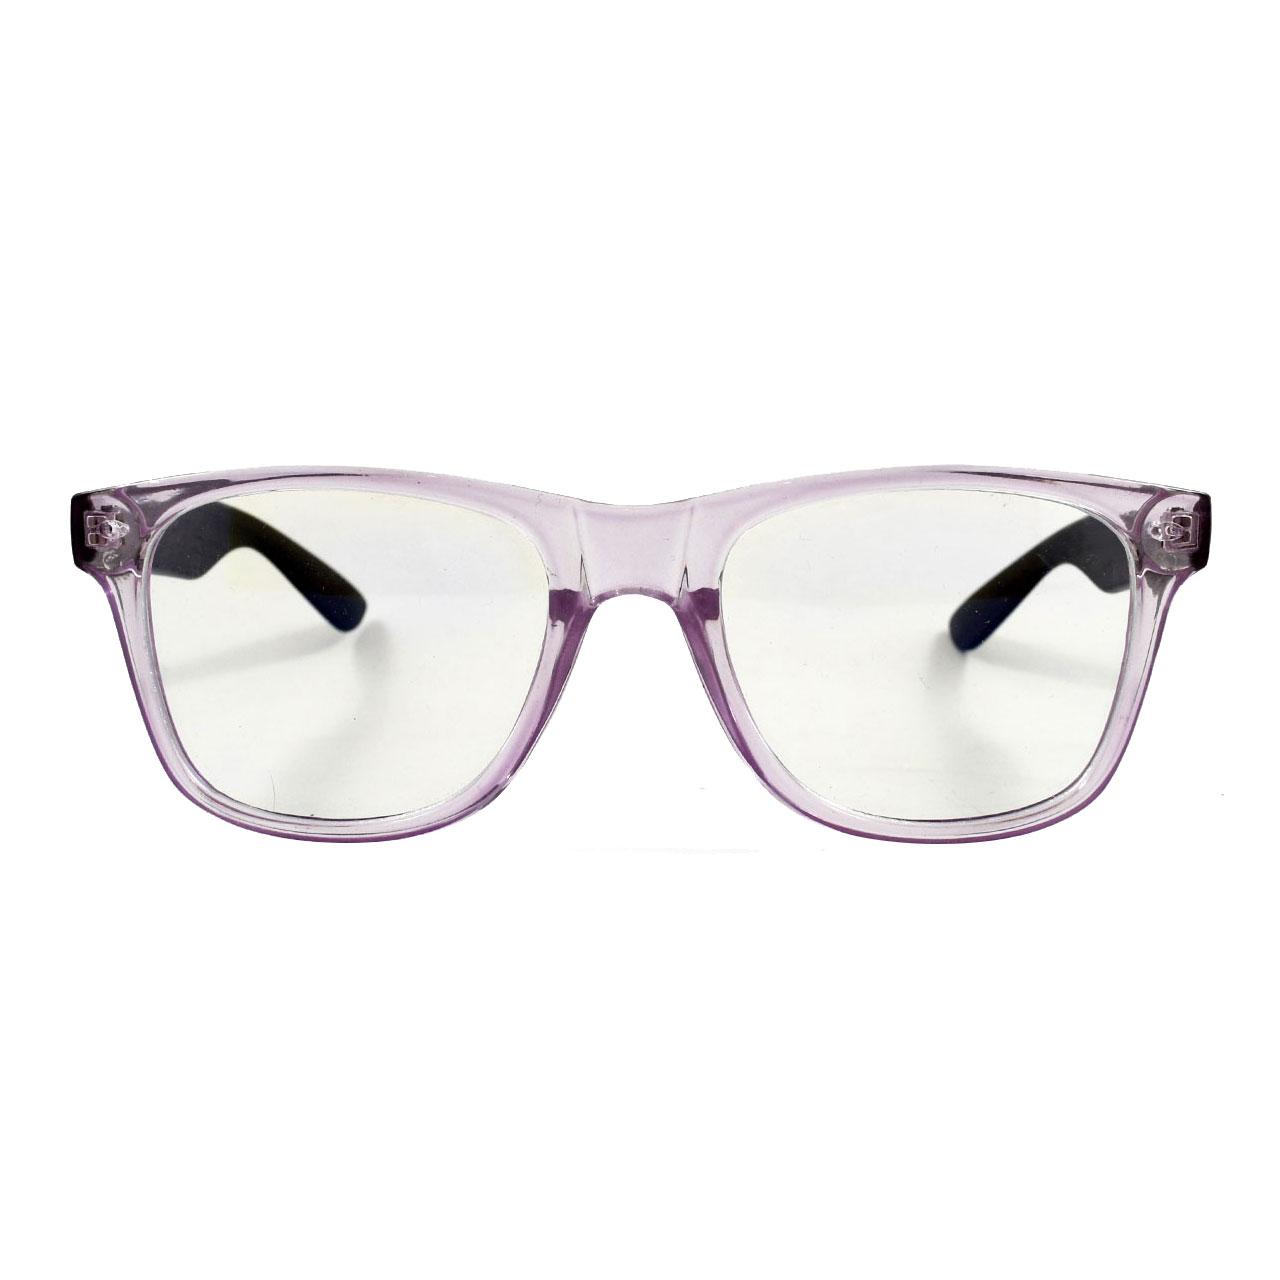 قیمت فریم عینک طبی مدل Transparent Wayfarer 2140